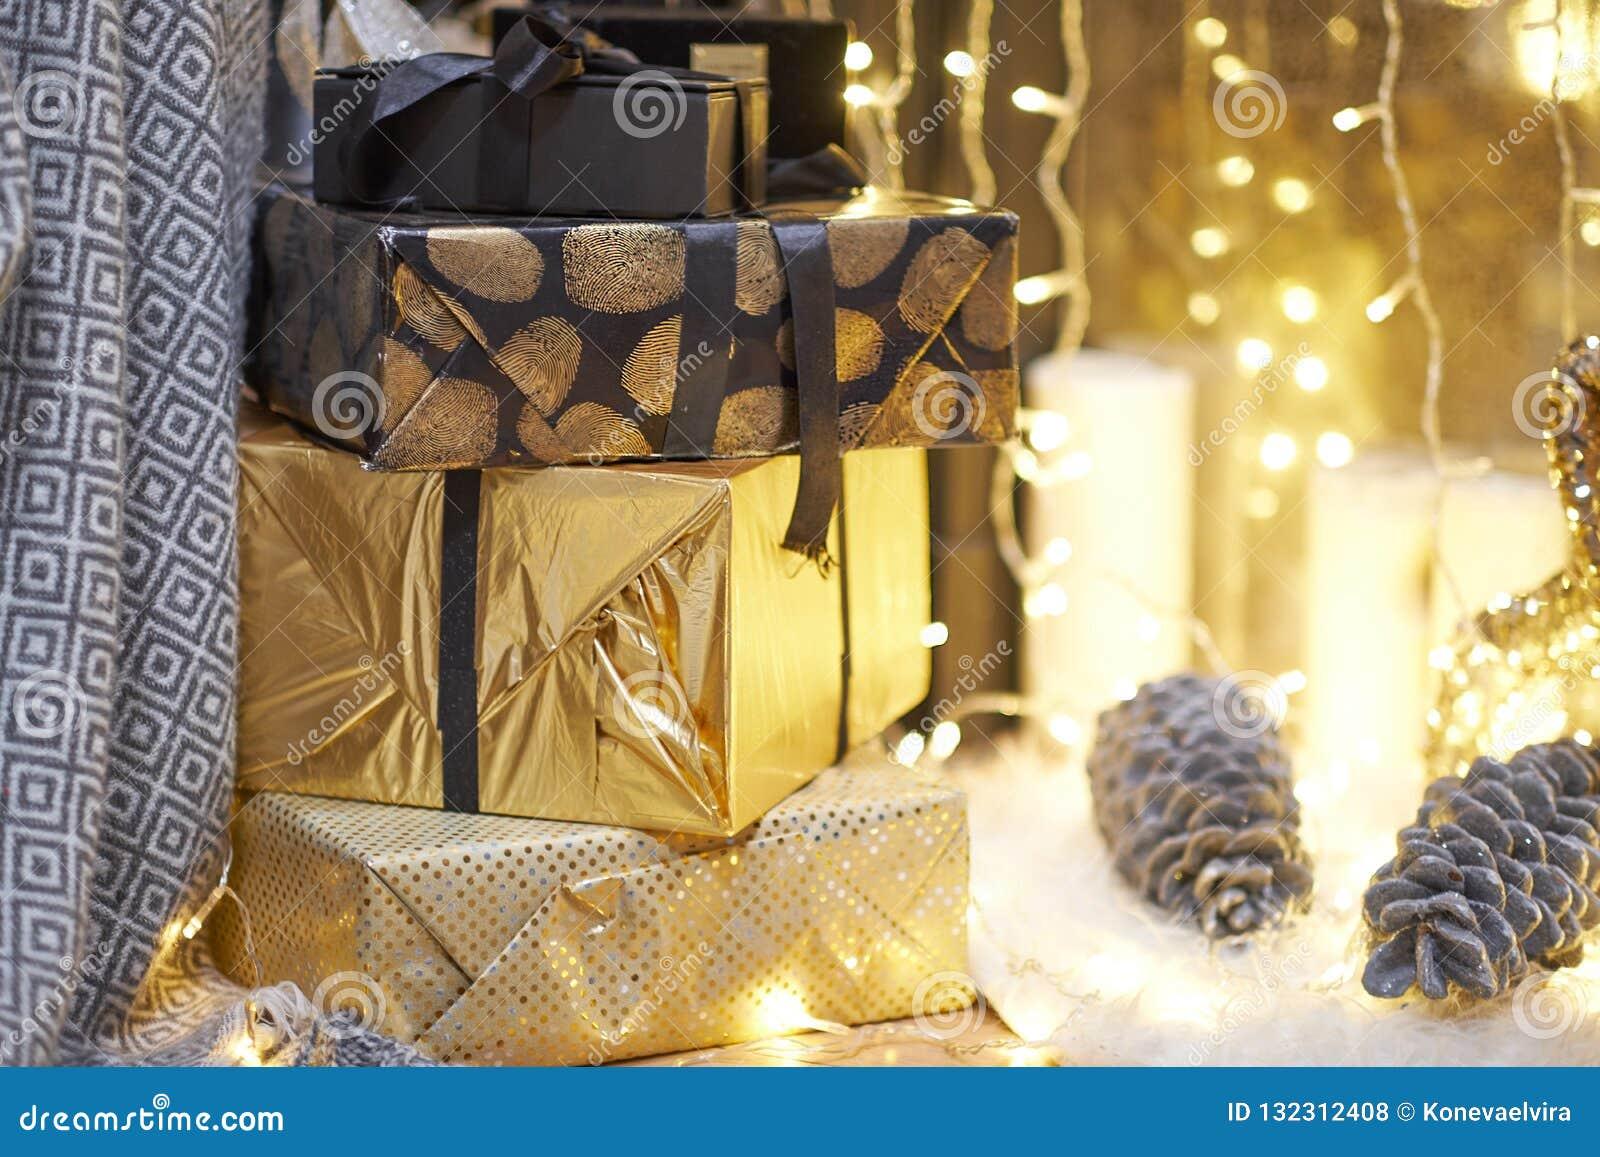 Neue Ideen, das Haus zu verzieren dieses Weihnachten Weihnachtsgeschenke in den Kästen Goldene und bräunliche Ästhetik